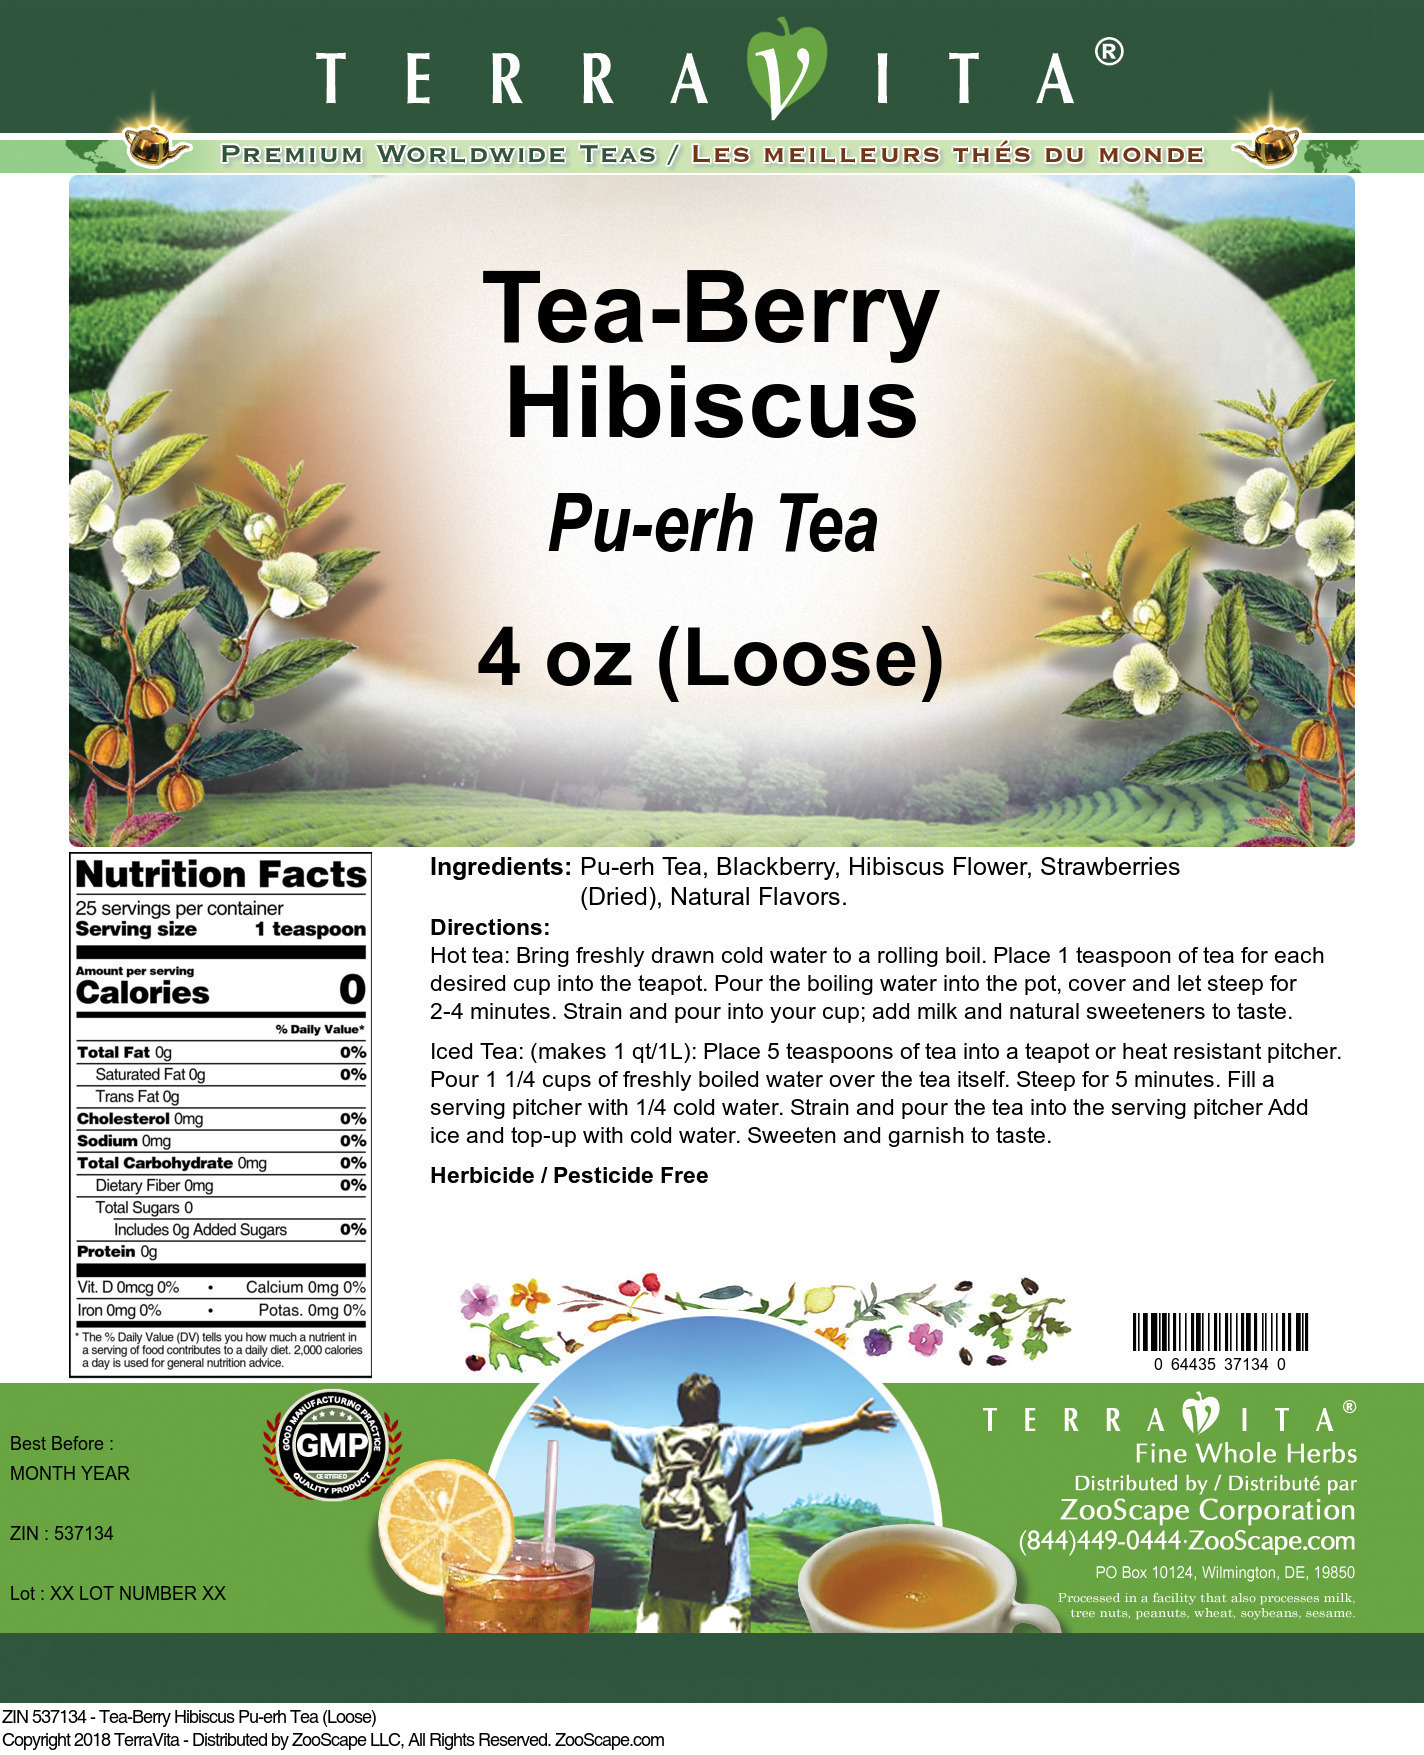 Tea-Berry Hibiscus Pu-erh Tea